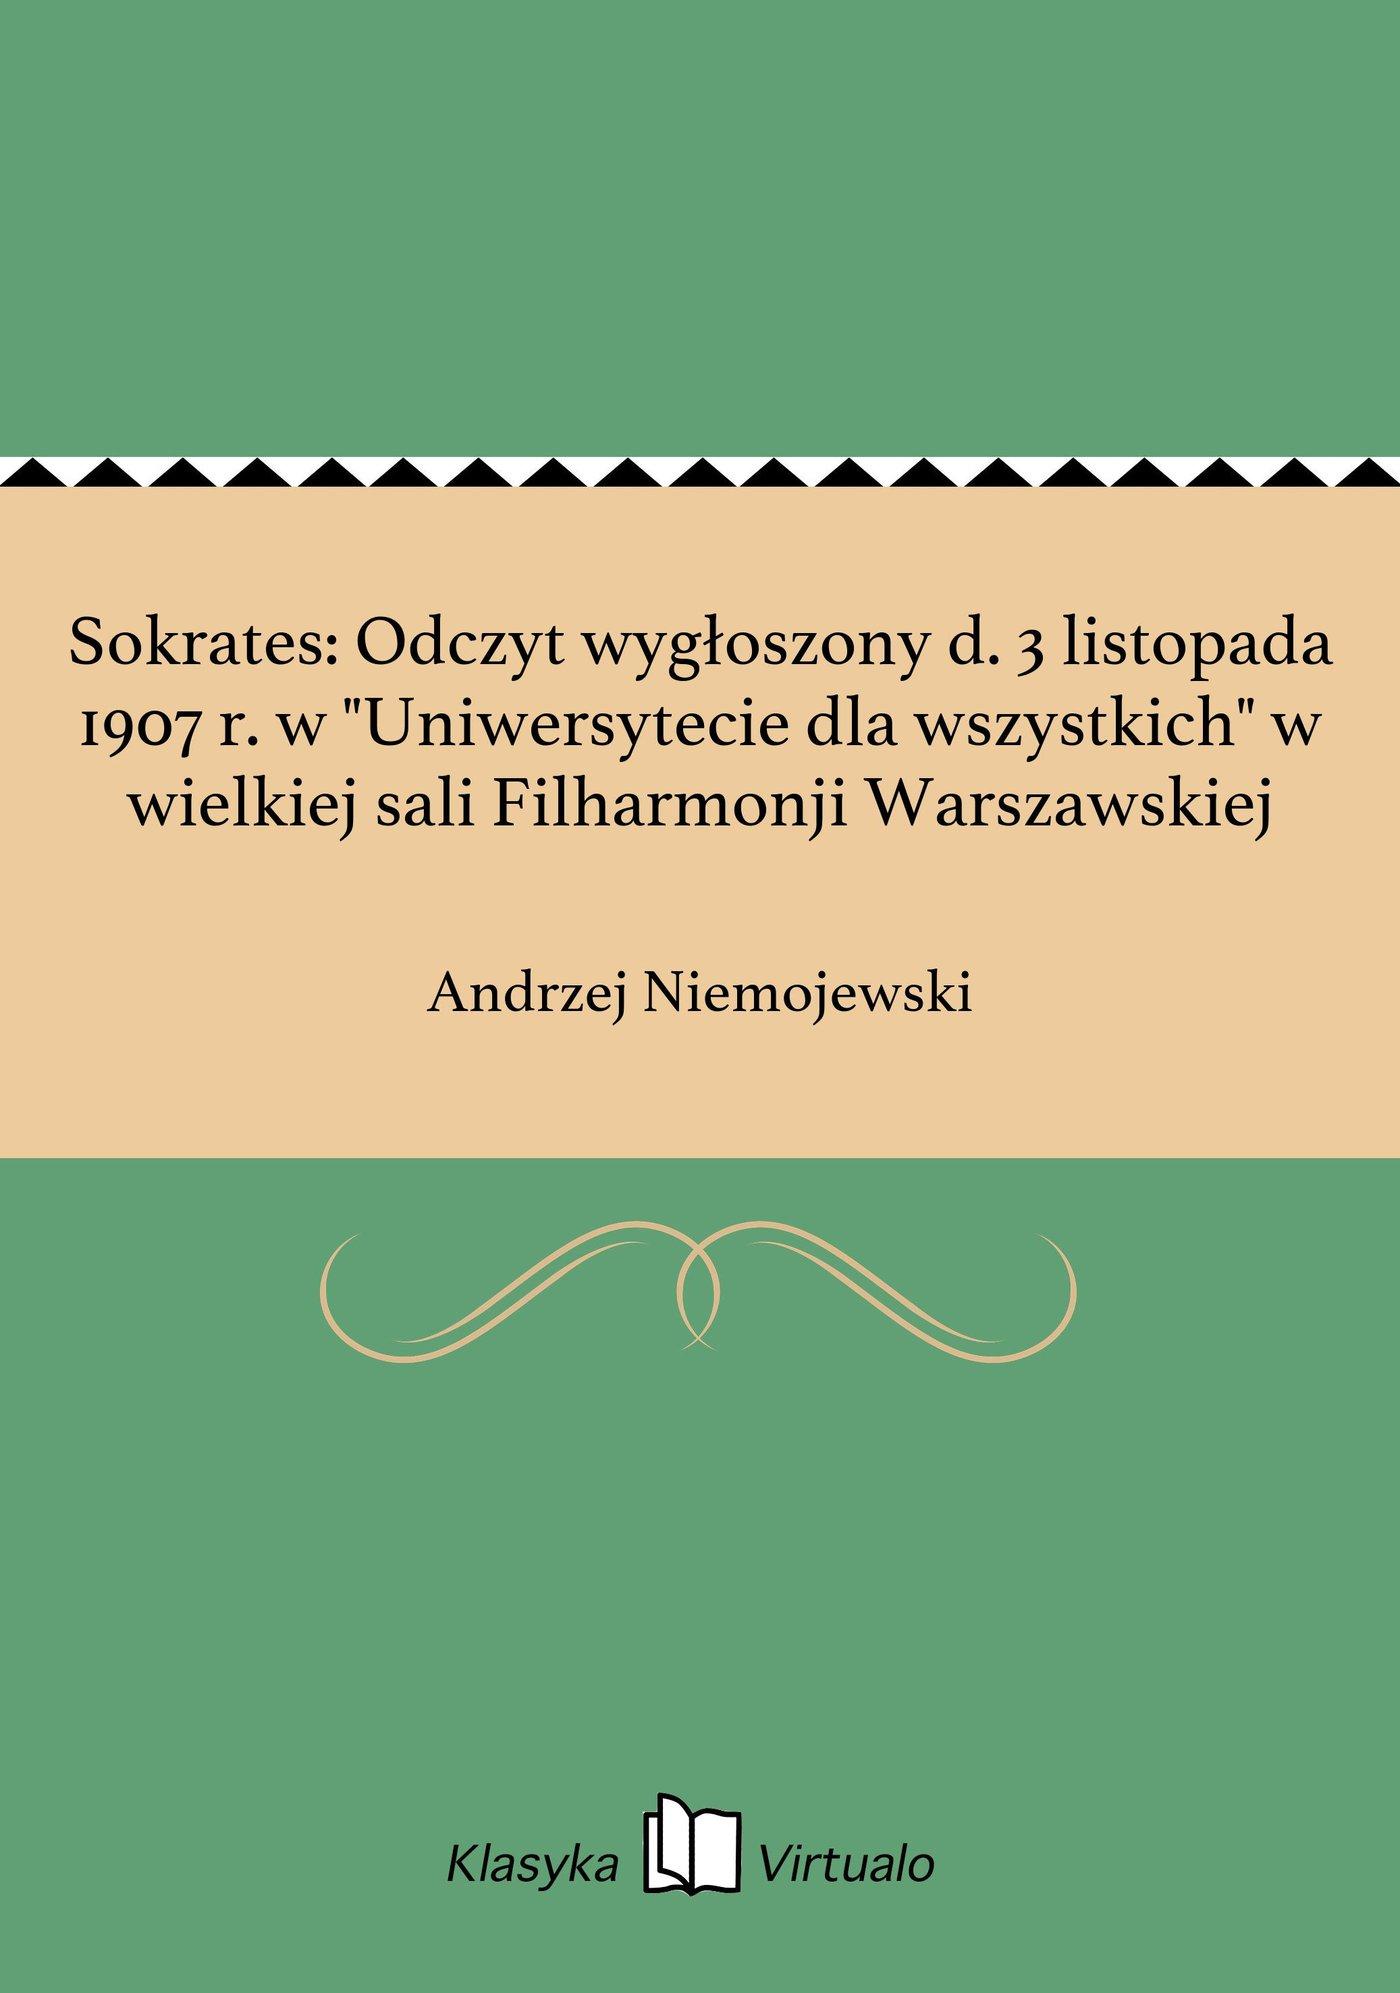 """Sokrates: Odczyt wygłoszony d. 3 listopada 1907 r. w """"Uniwersytecie dla wszystkich"""" w wielkiej sali Filharmonji Warszawskiej - Ebook (Książka EPUB) do pobrania w formacie EPUB"""